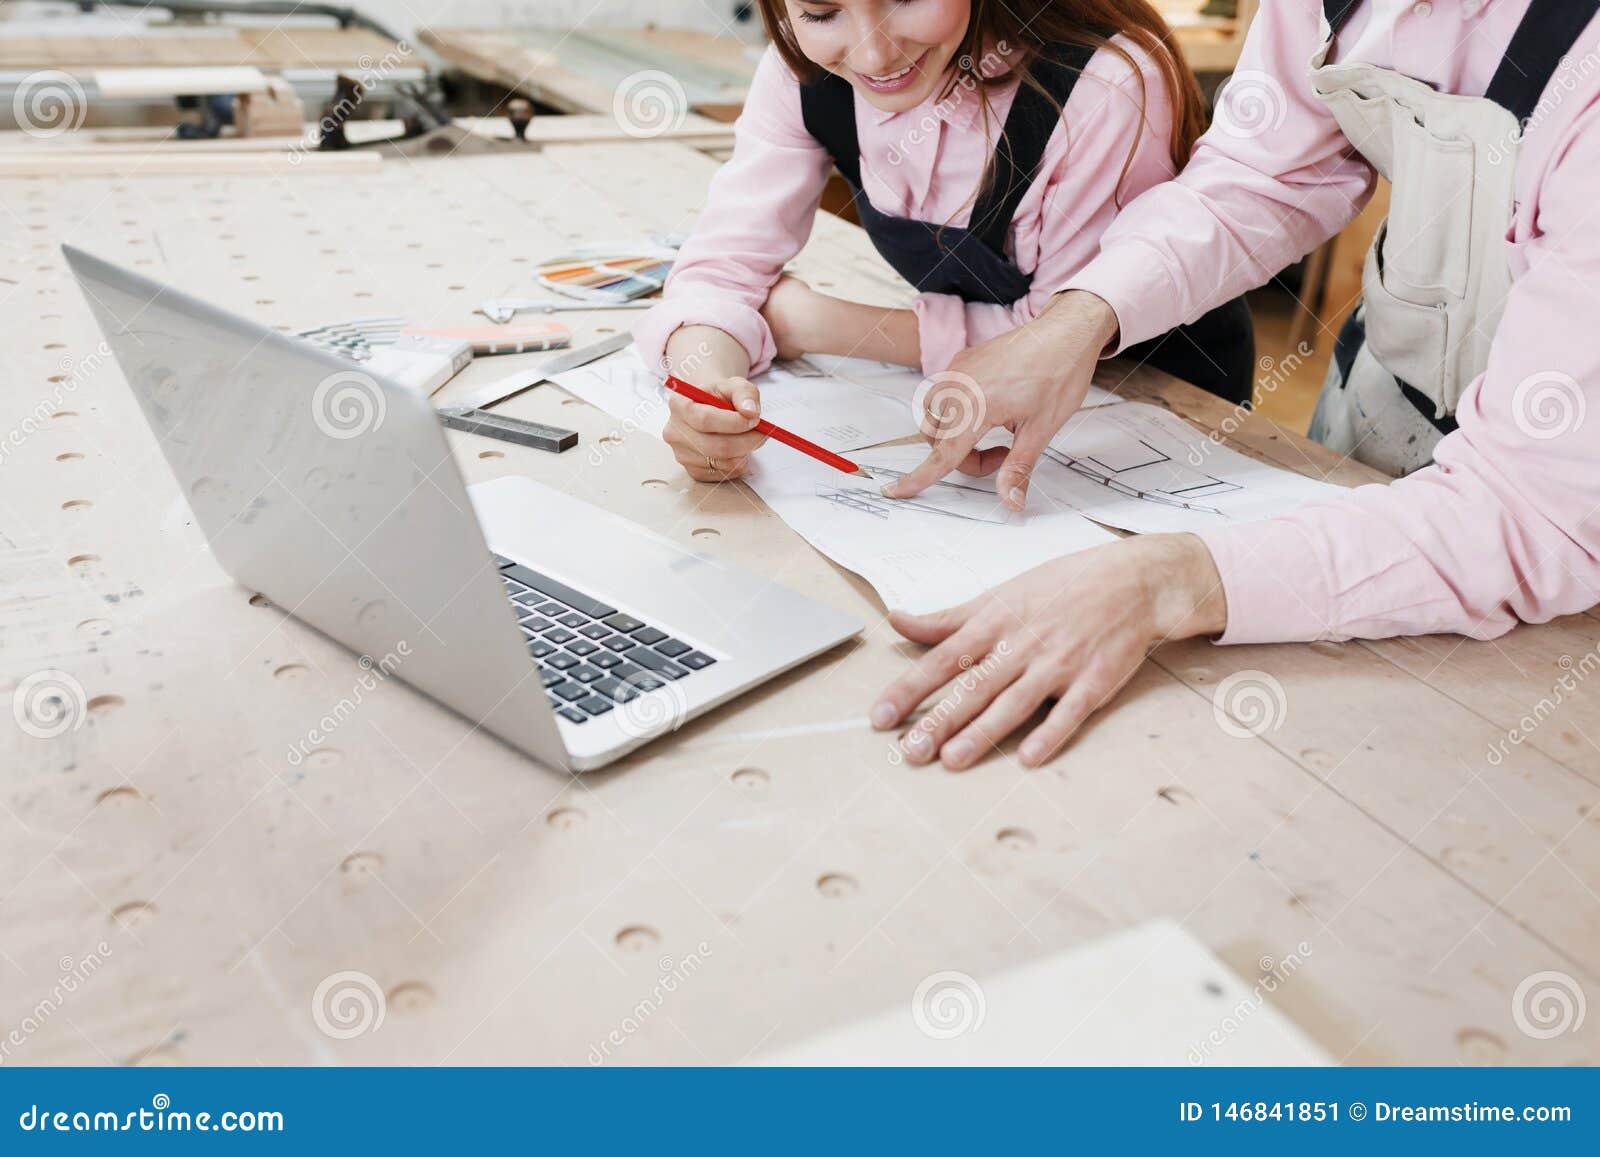 Bizneswomanu cie?la pracuje na laptopie na drewnianej powierzchni w?r?d bud?w narz?dzi W pobli?u jest smartphone, laptop, schowek